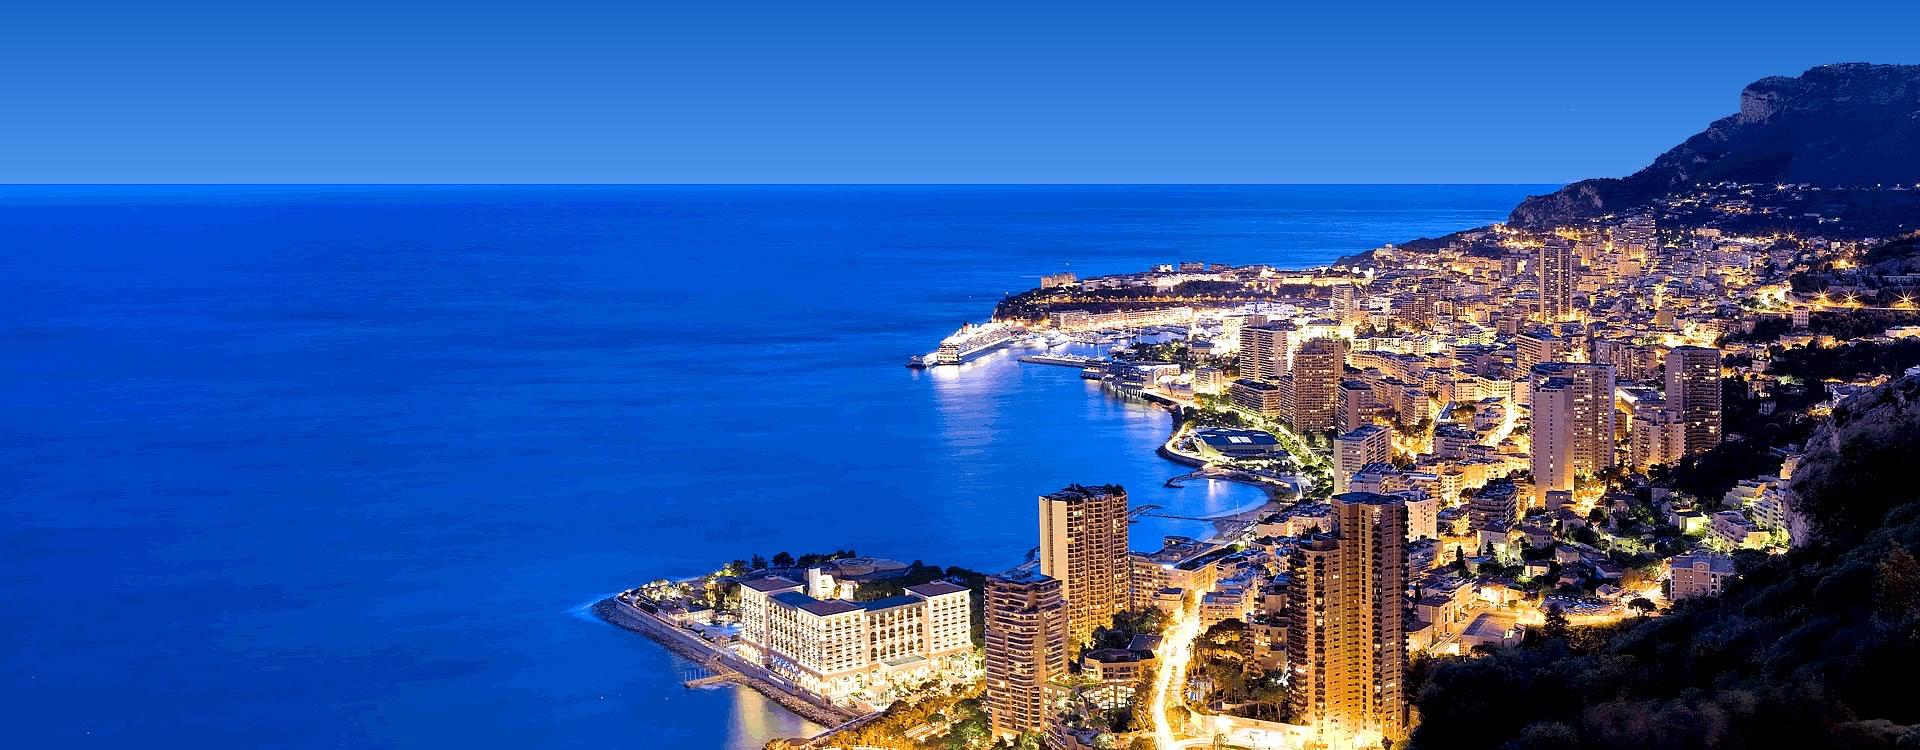 La baie de Monaco